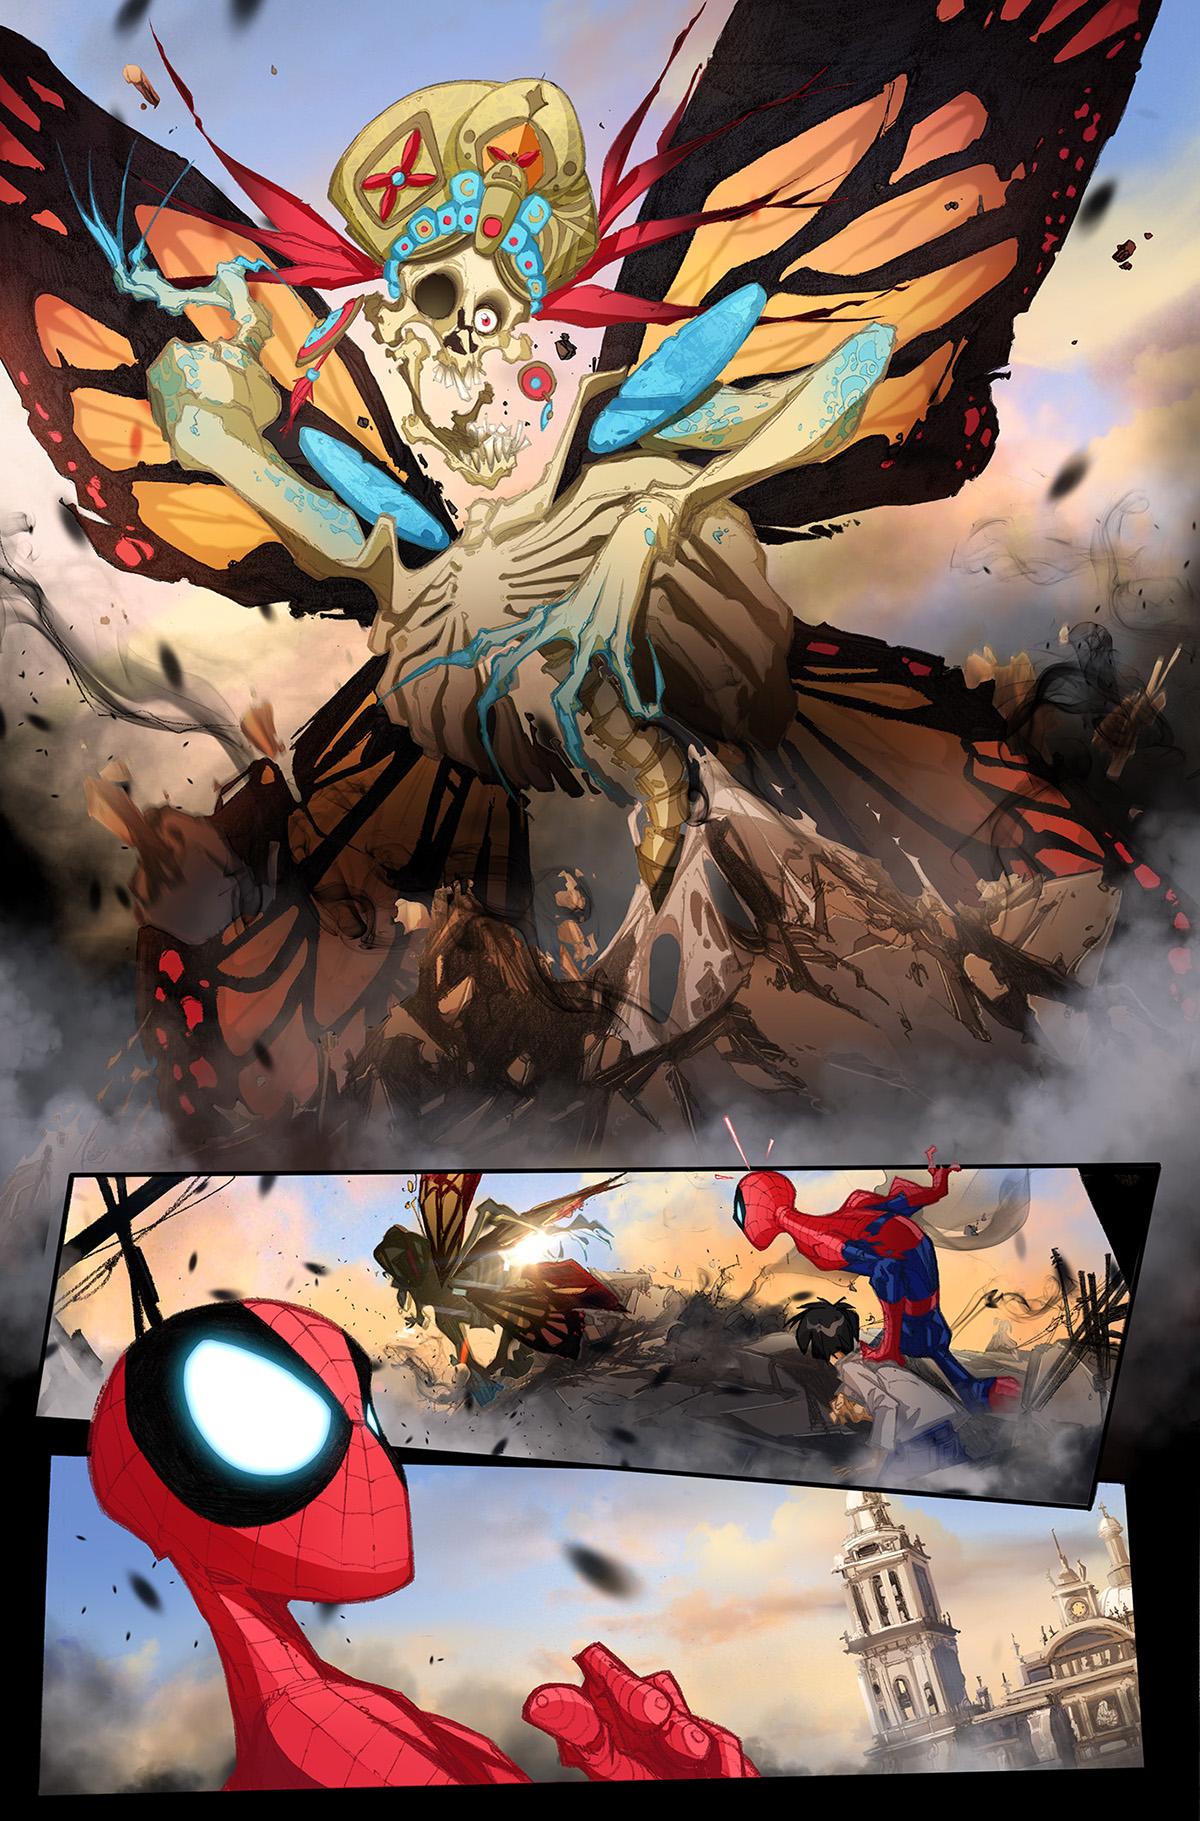 spiderman,comic,marvel,whitefer